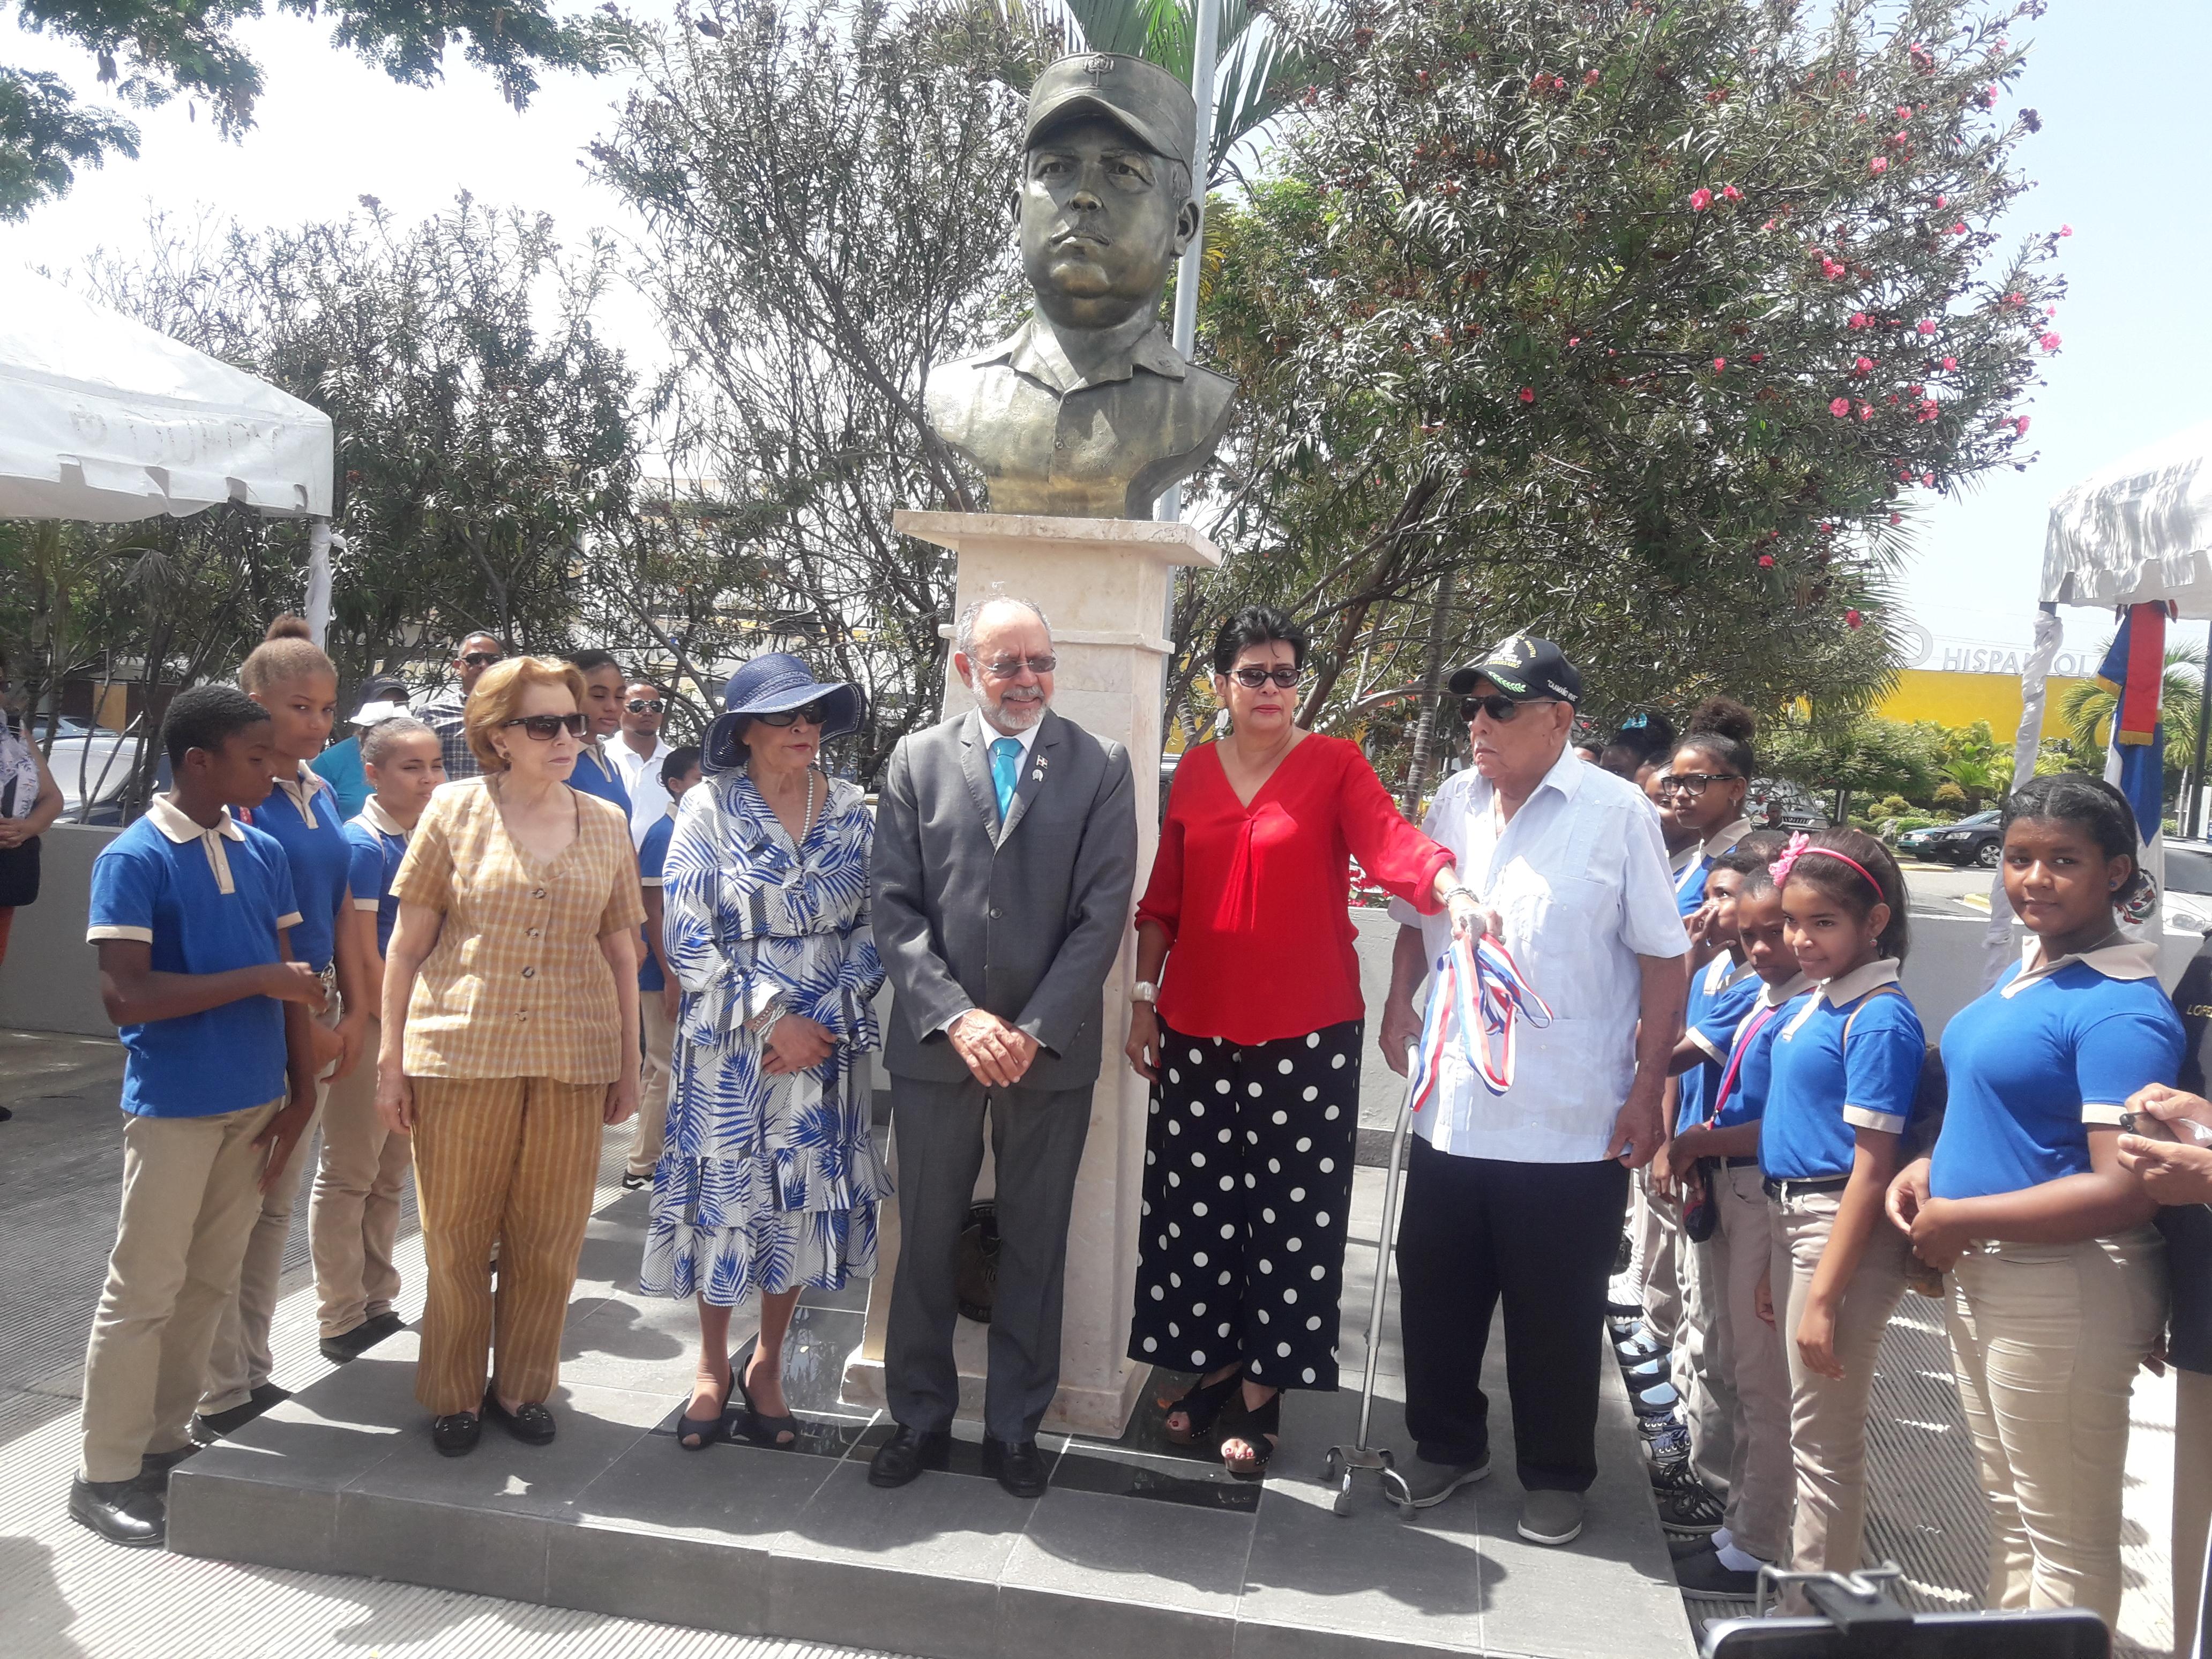 Develan busto en honor a Coronel Francisco Caamaño en estación del Metro de SD que lleva su nombre